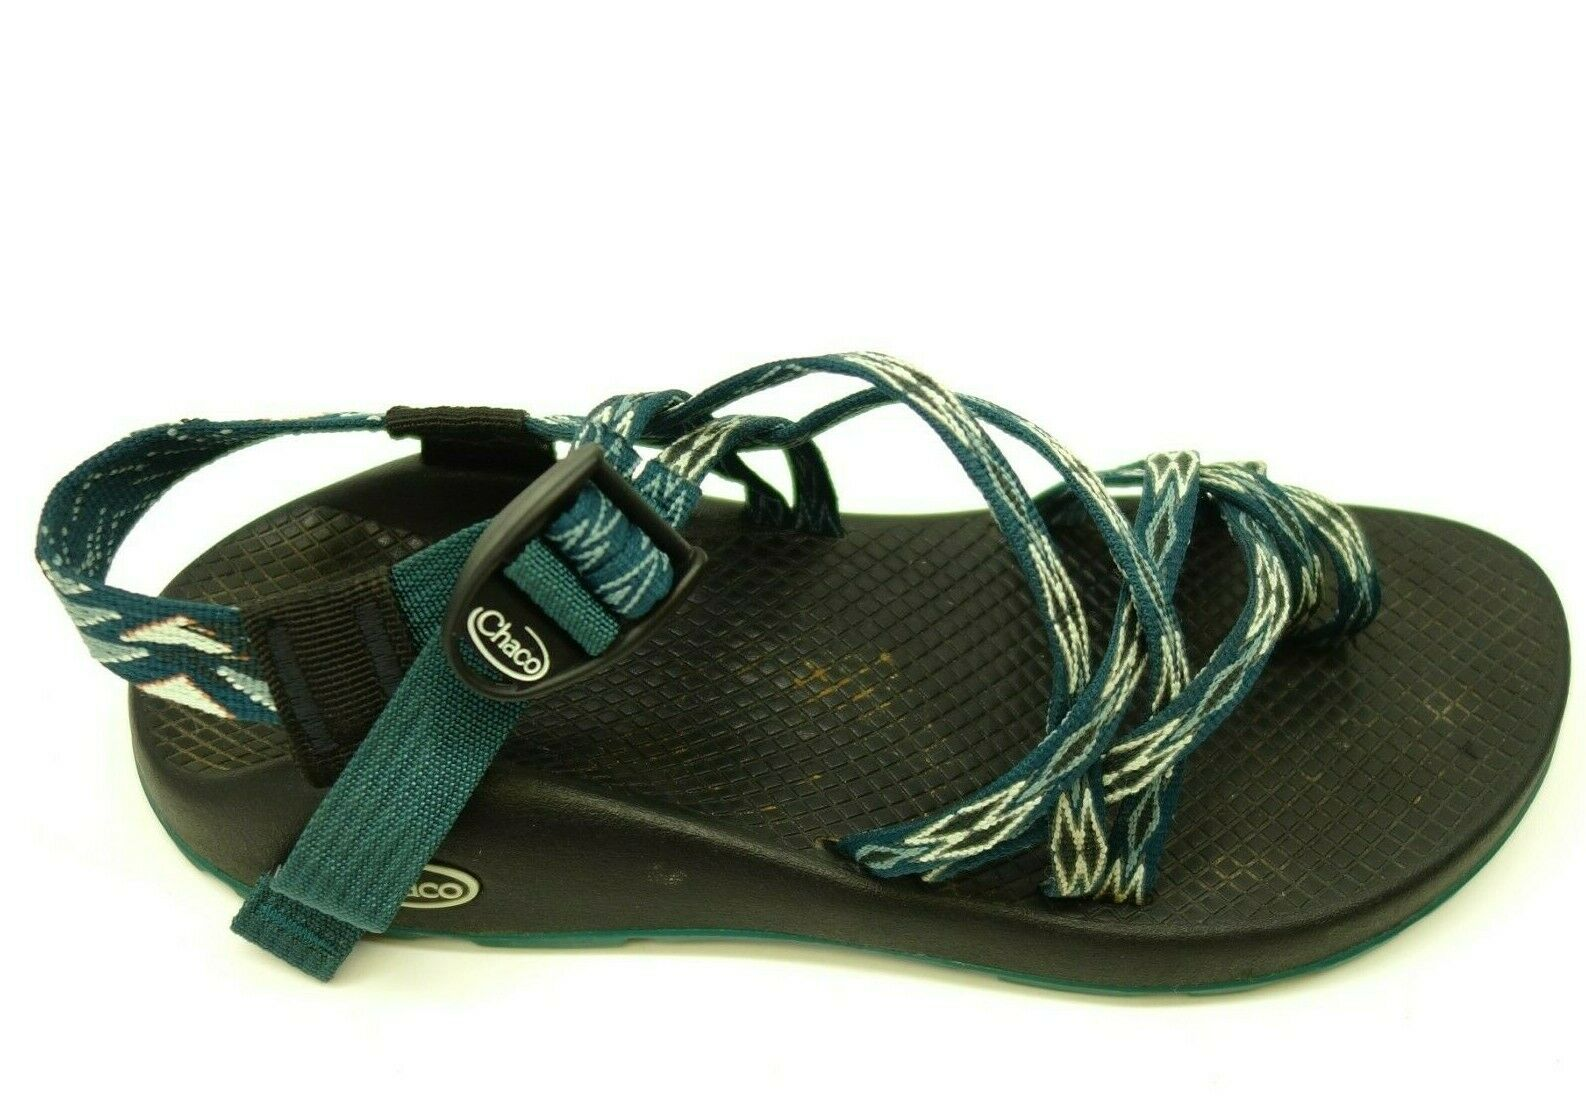 ¡envío gratis! Chaco Z Z Z   Nube Us 9 Ue 40 Deporte verde Azulado Deportivo Exterior Zapatos Mujer  ahorra hasta un 70%